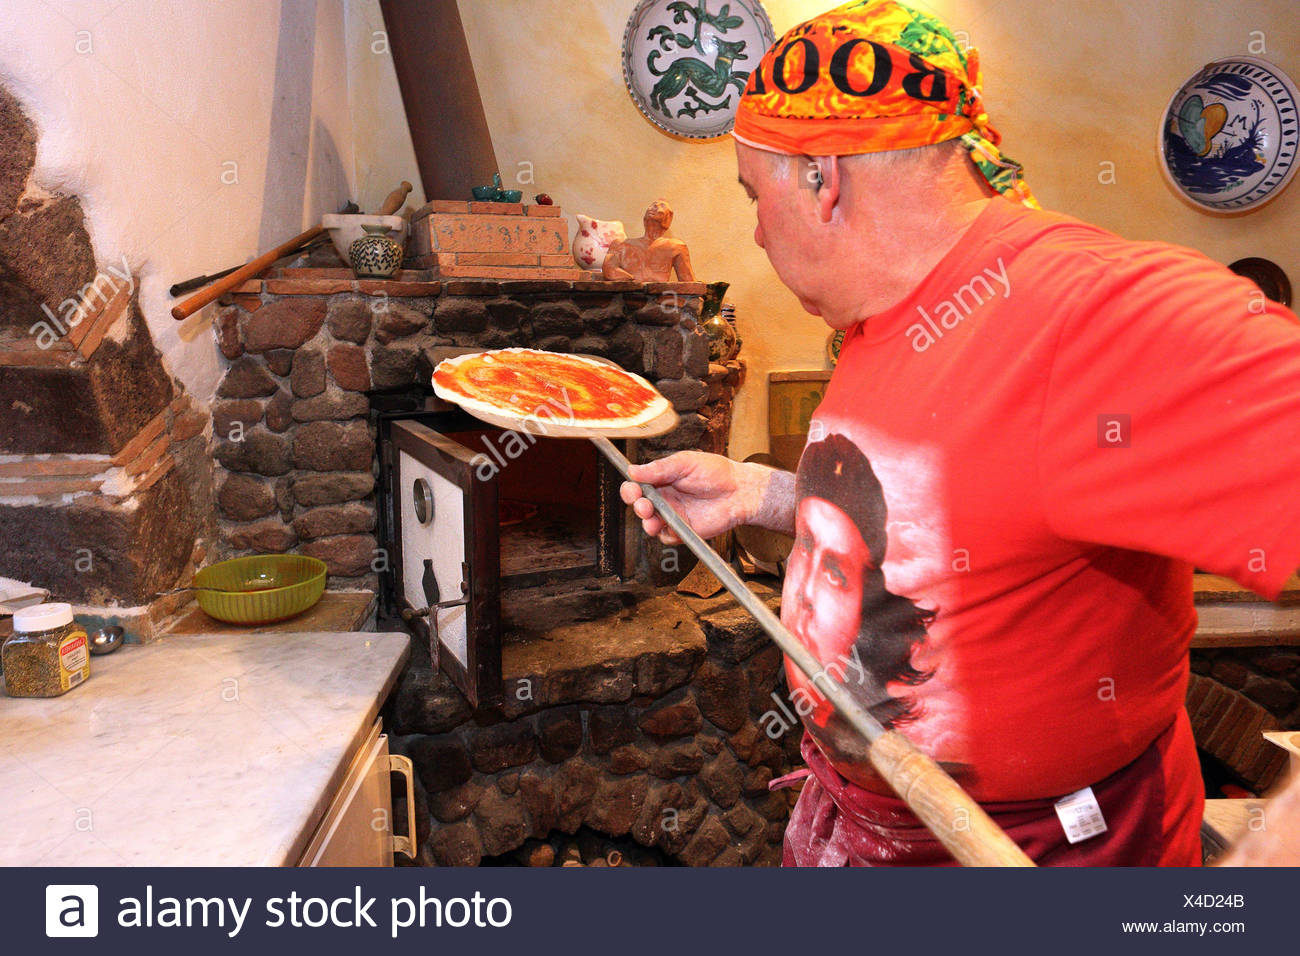 Torre Alfina, Italie, pizza baker pousse une pizza dans un four en pierre Banque D'Images